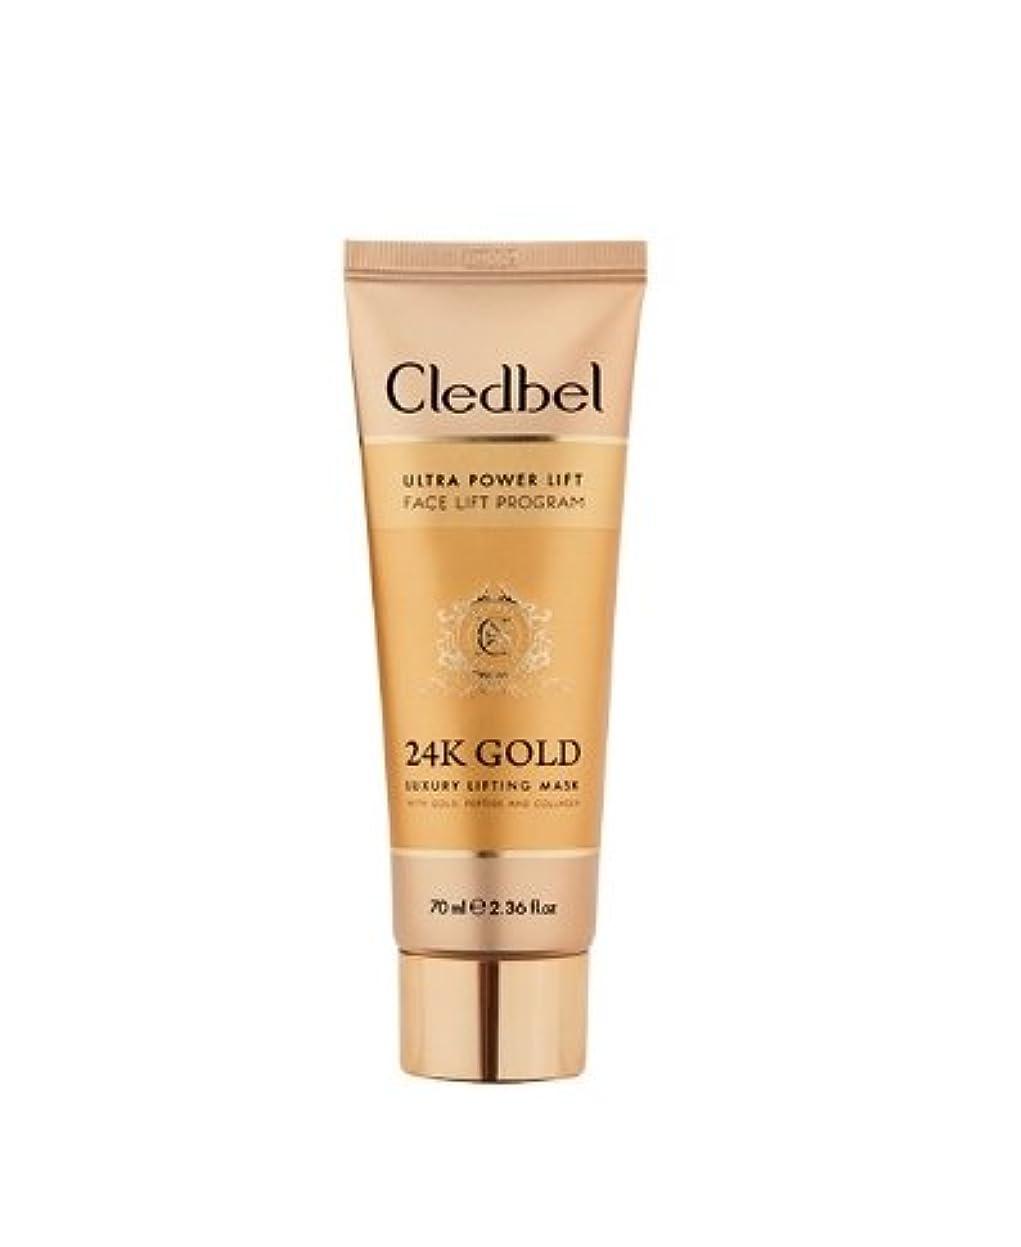 サイレンアサー書き込み[Cledbel]Cledbel Ultra Power Lift 24K Gold Luxury Lifting Mask 70ml